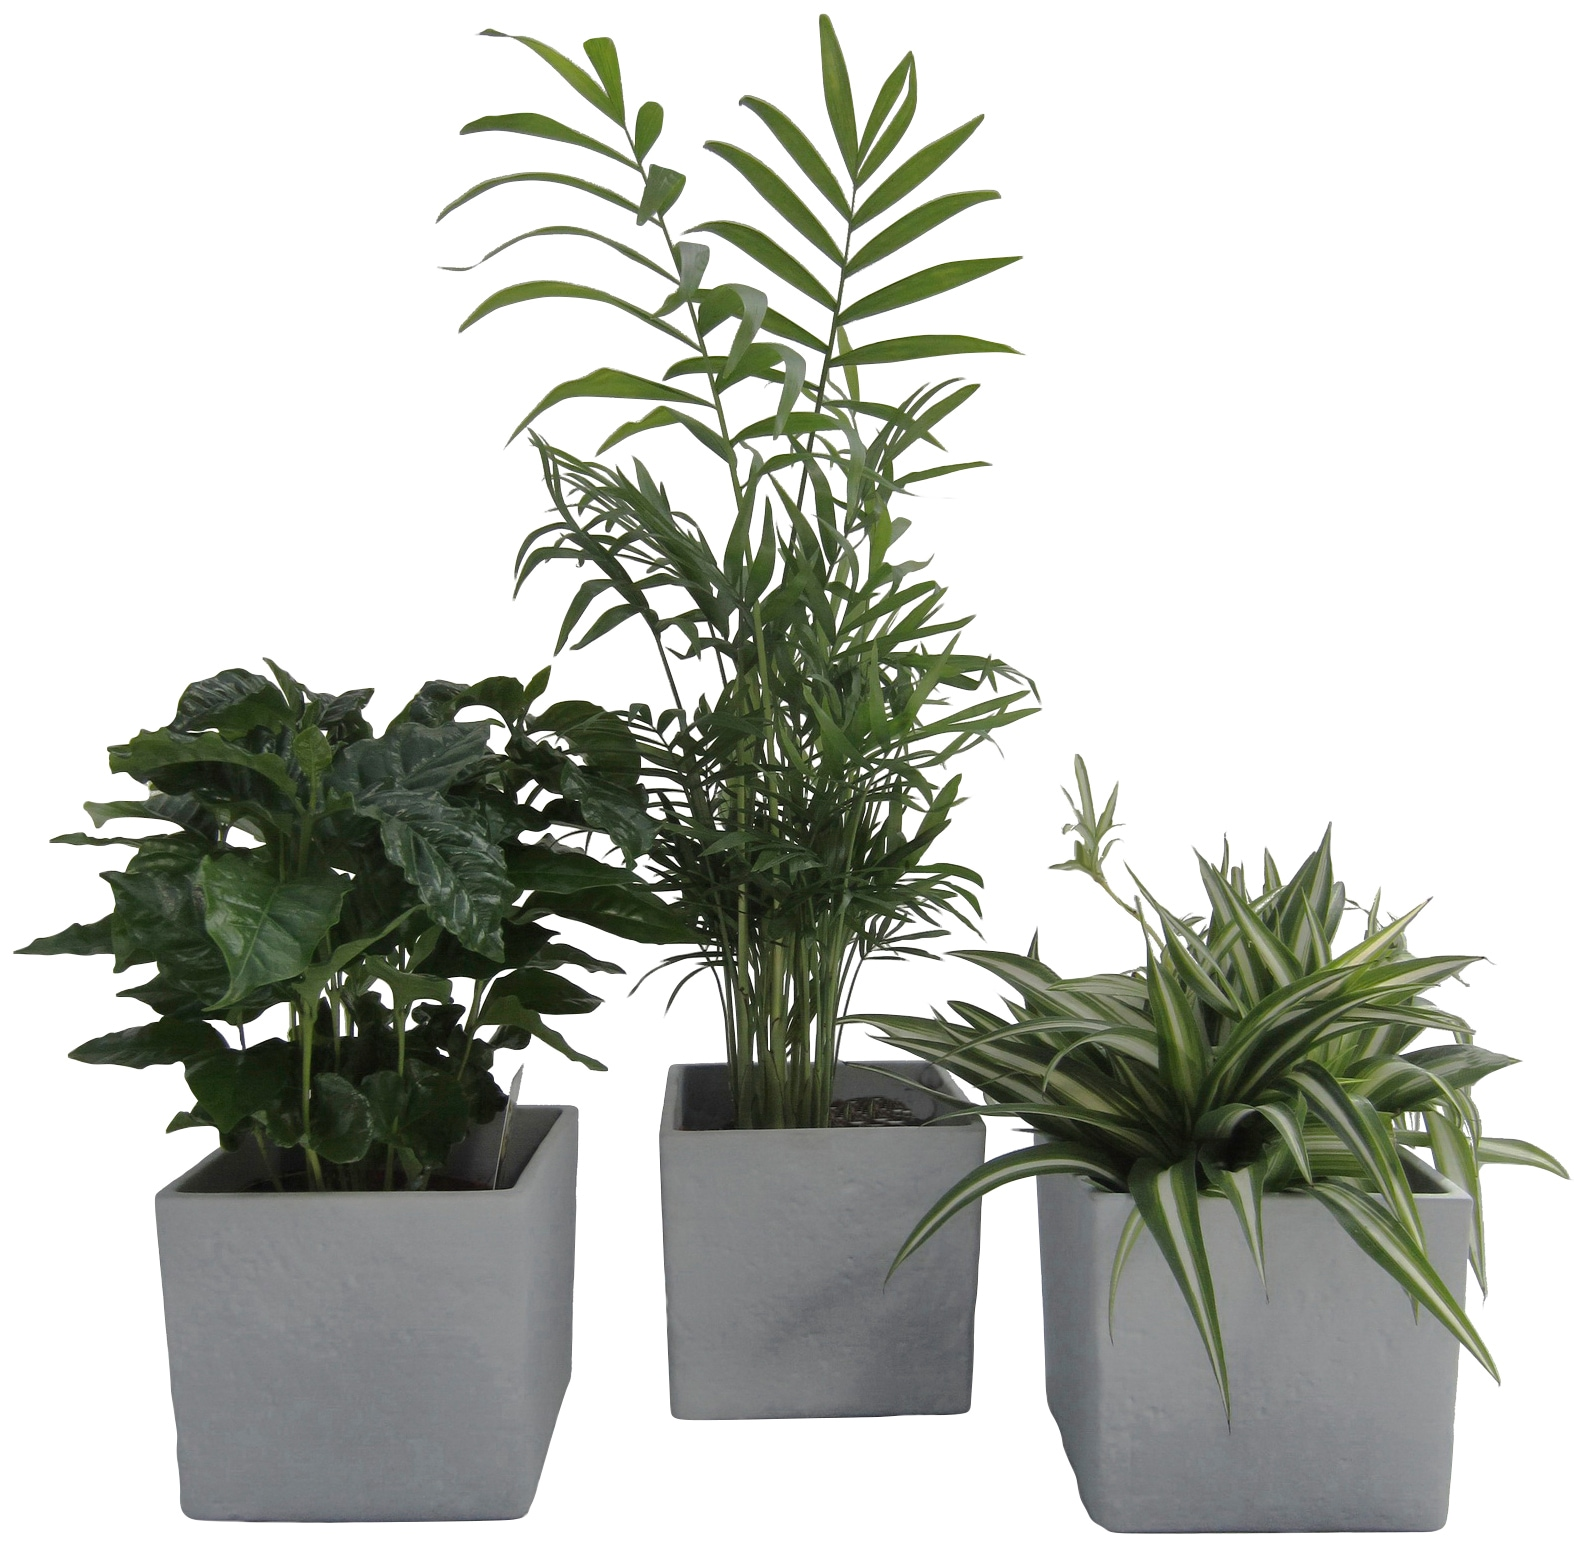 Dominik Zimmerpflanze Palmen-Set, Höhe: 30 cm, 3 Pflanzen in Dekotöpfen grün Zimmerpflanzen Garten Balkon